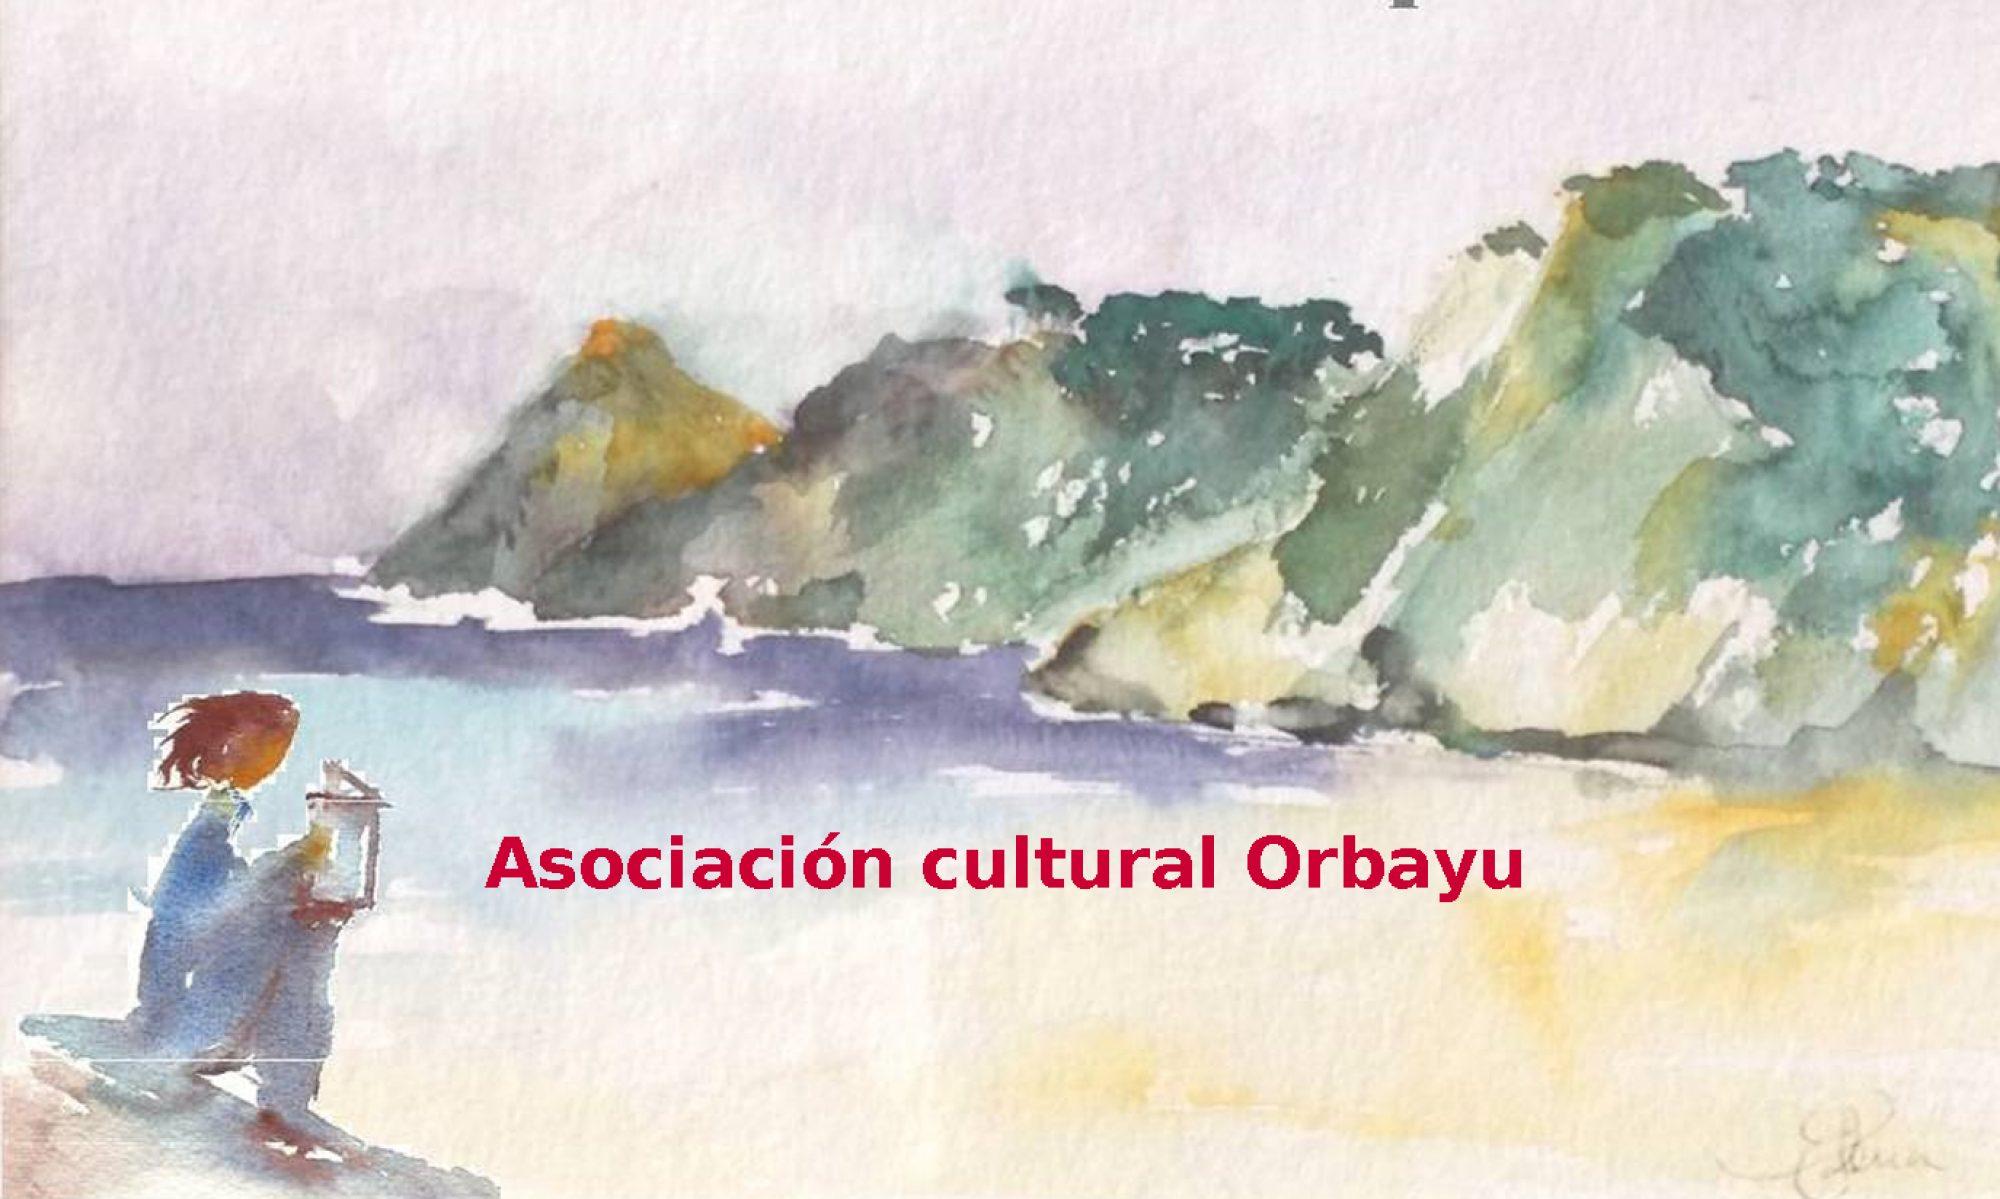 Orbayu